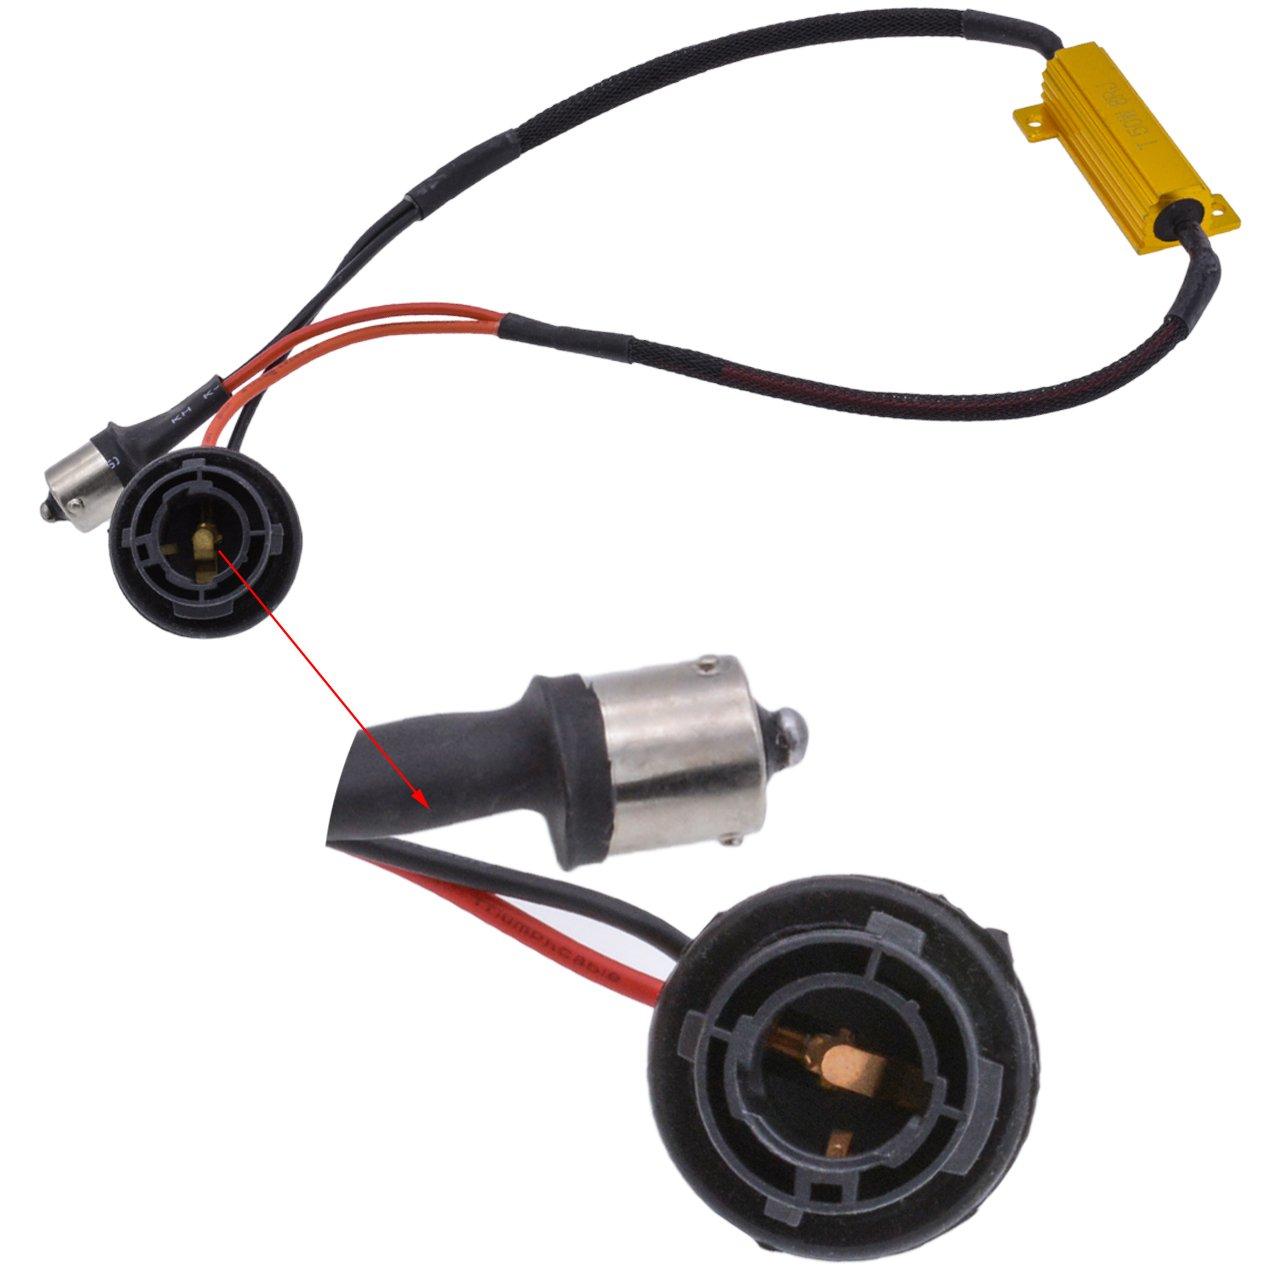 KaTur 2/50/W 8/Ohm-9006/9005/Lastwiderstand Anschluss Auto LED Blinker Leuchtmittel Nebelscheinwerfer Tagfahrlicht Fehlerfrei cancellor Kondensator Decoder Draht